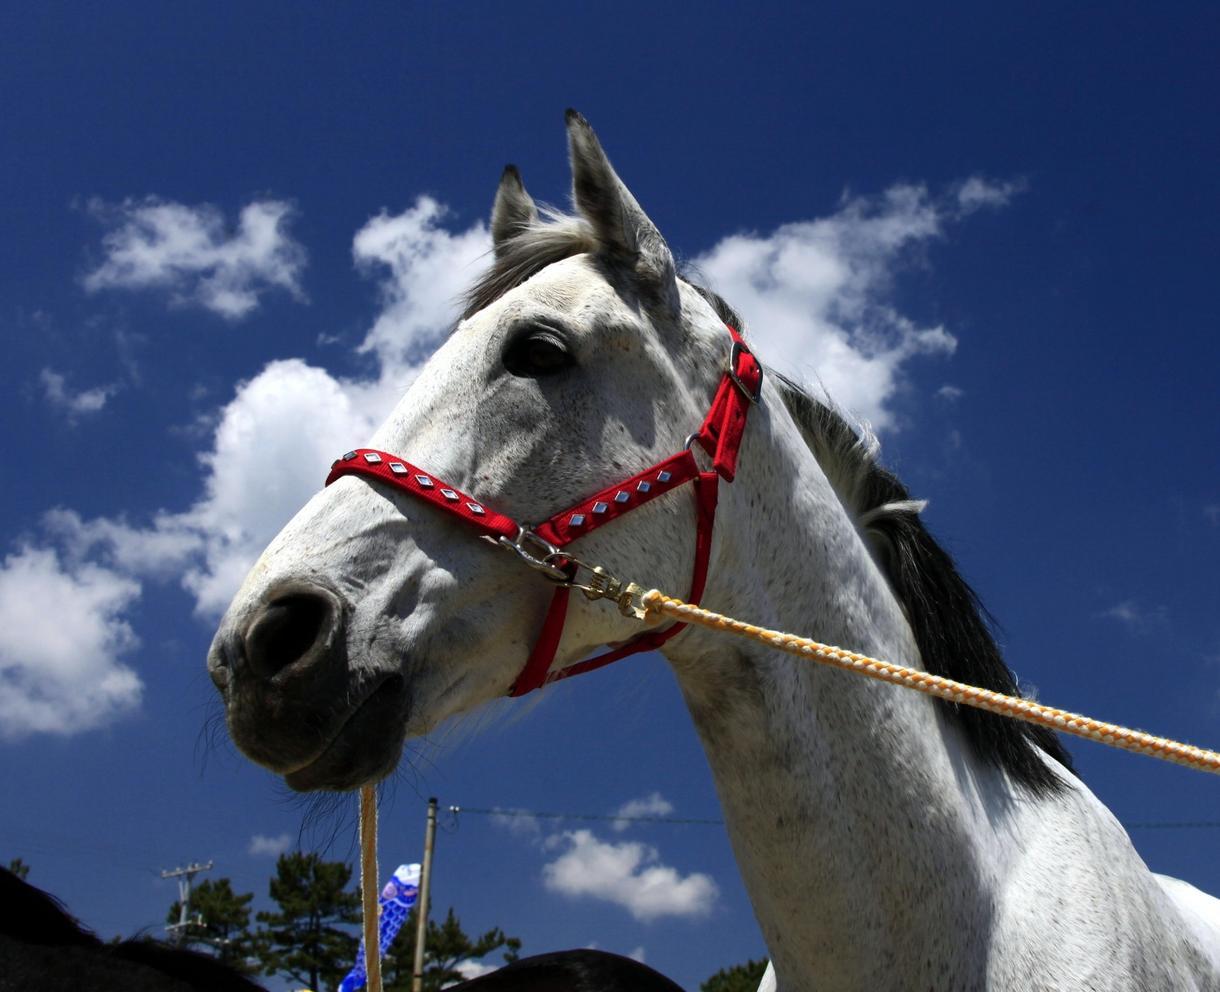 園田競馬の攻略法教えますます オッズと馬番を確認するだけで買うべき馬券が見つかる